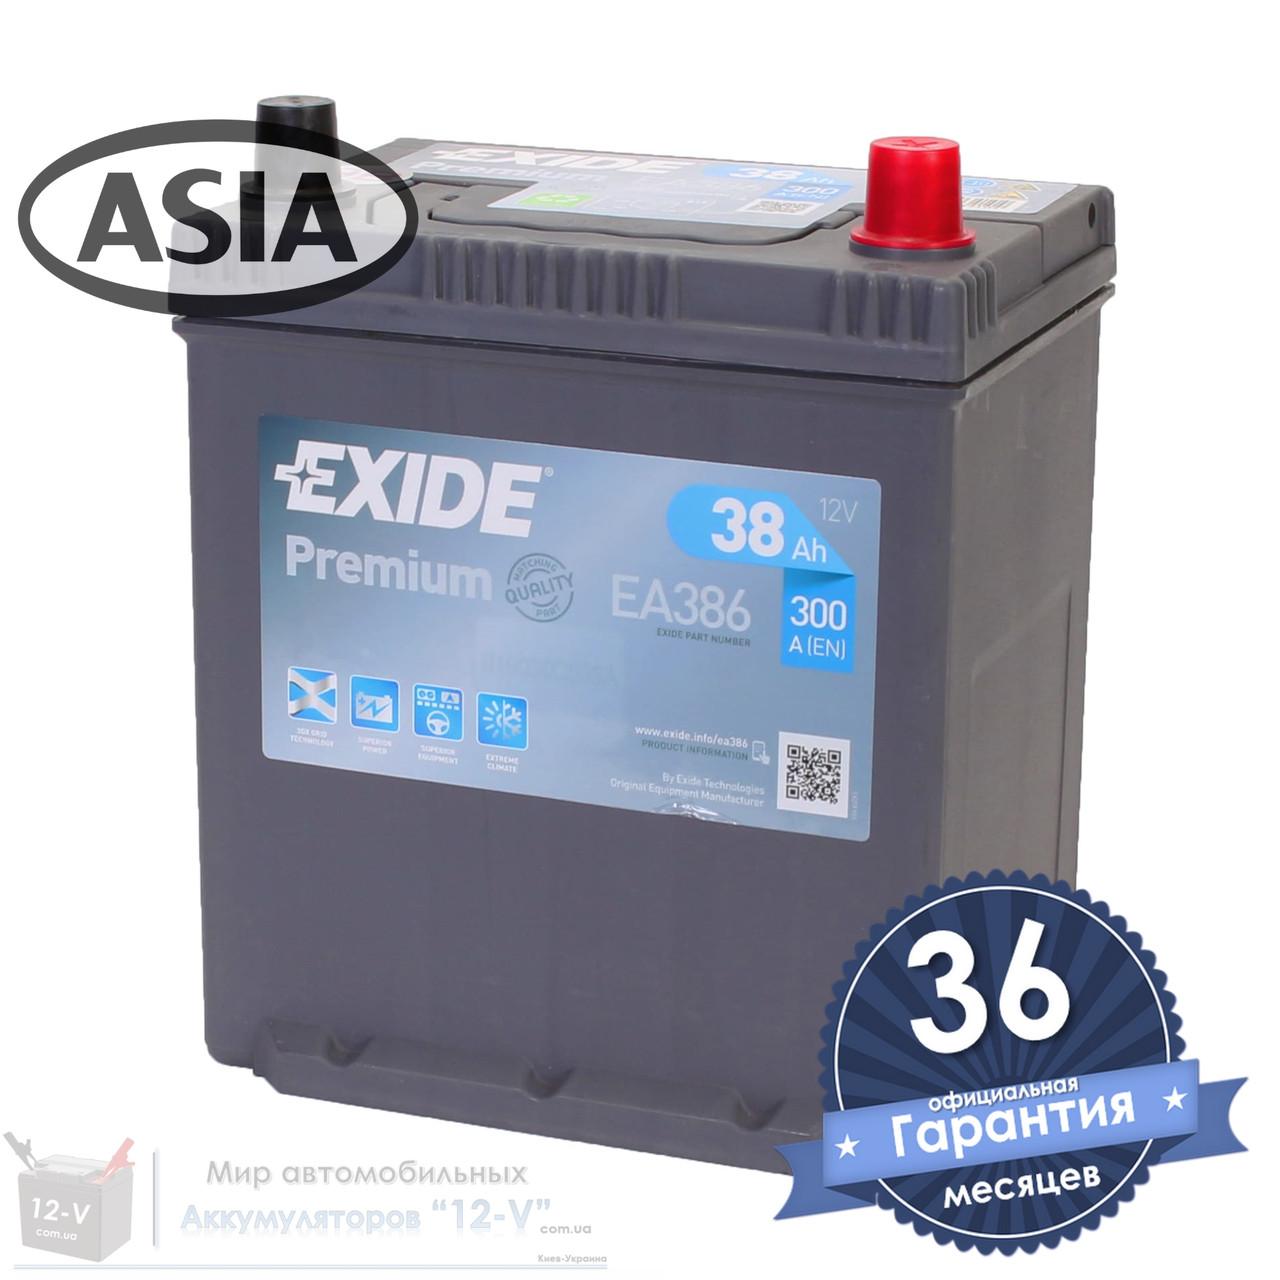 Аккумулятор автомобильный EXIDE Premium 6CT 38Ah ASIA, пусковой ток 300А [–|+] (EA386)